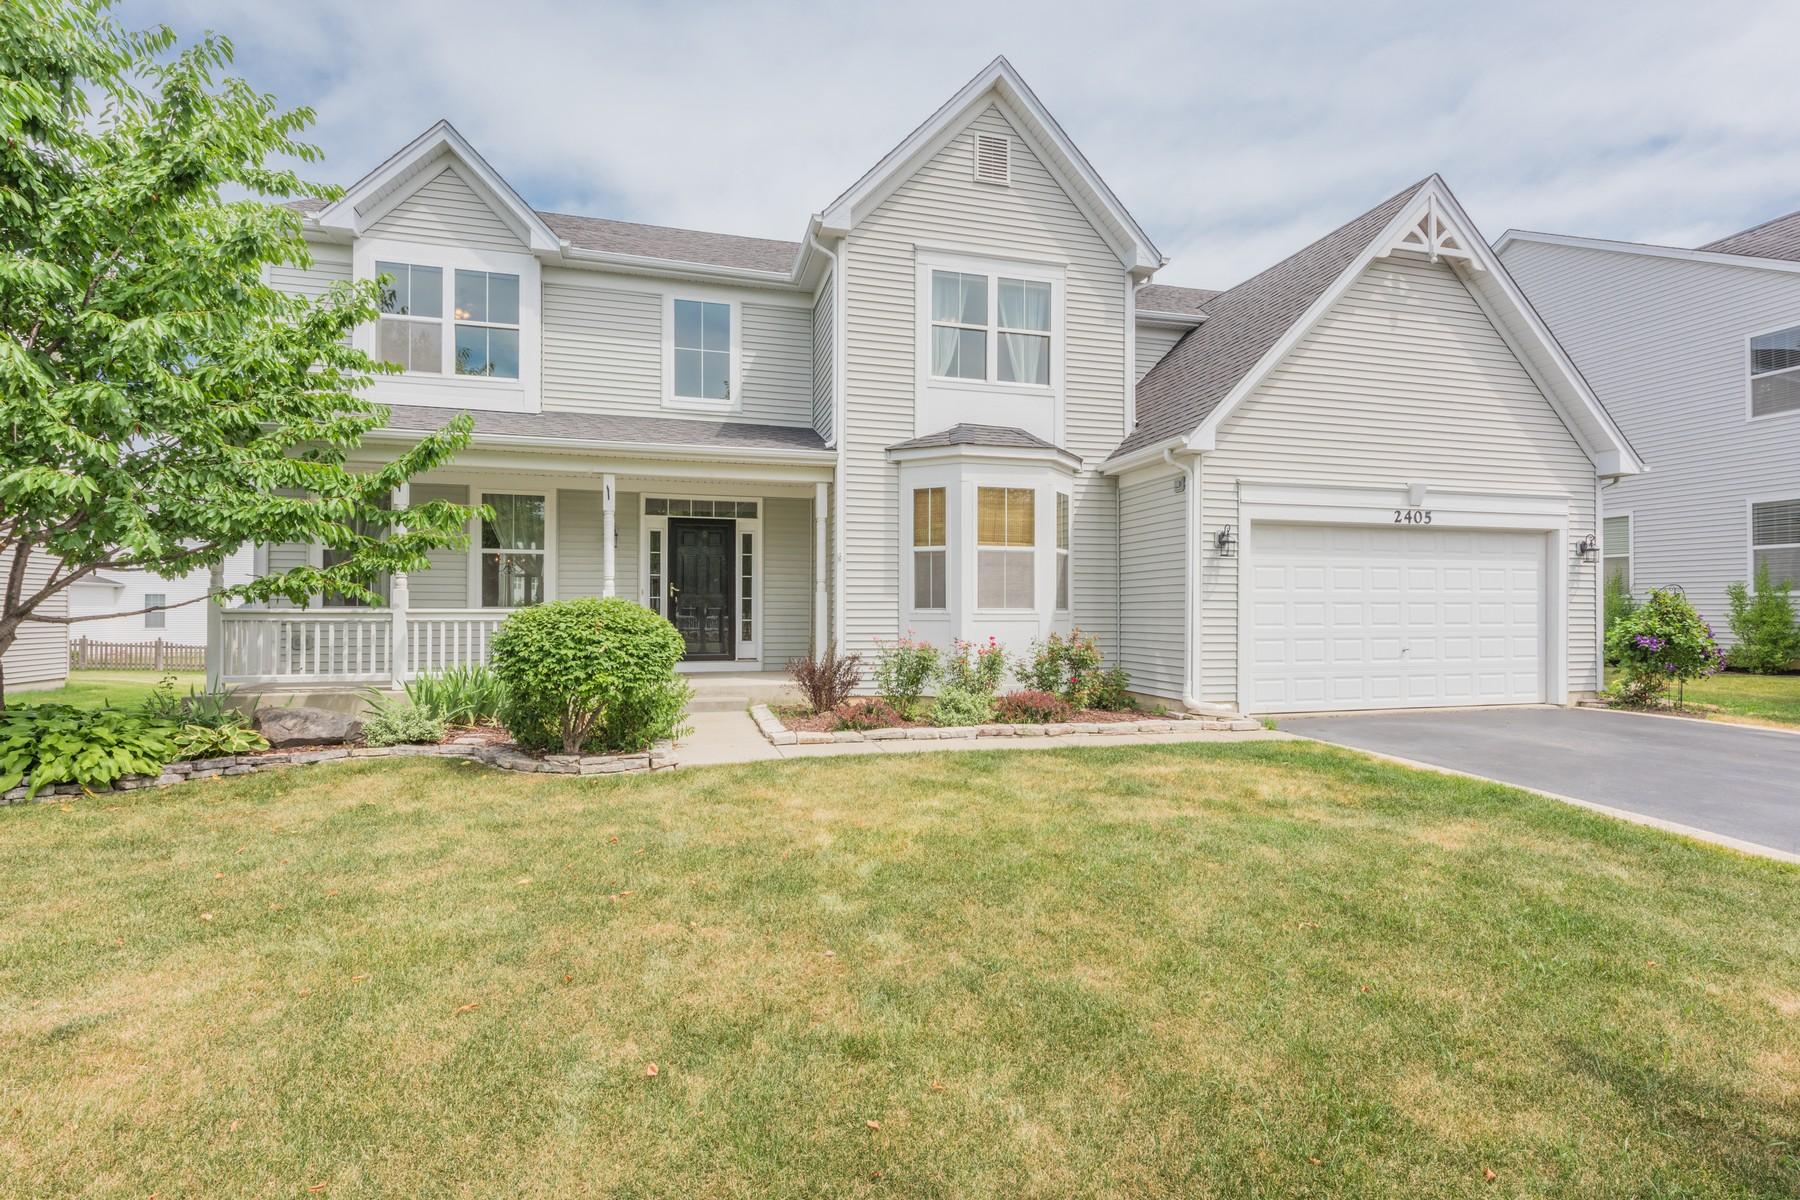 Maison unifamiliale pour l Vente à Freshly Updated Home 2405 Trailside Lane Wauconda, Illinois, 60084 États-Unis